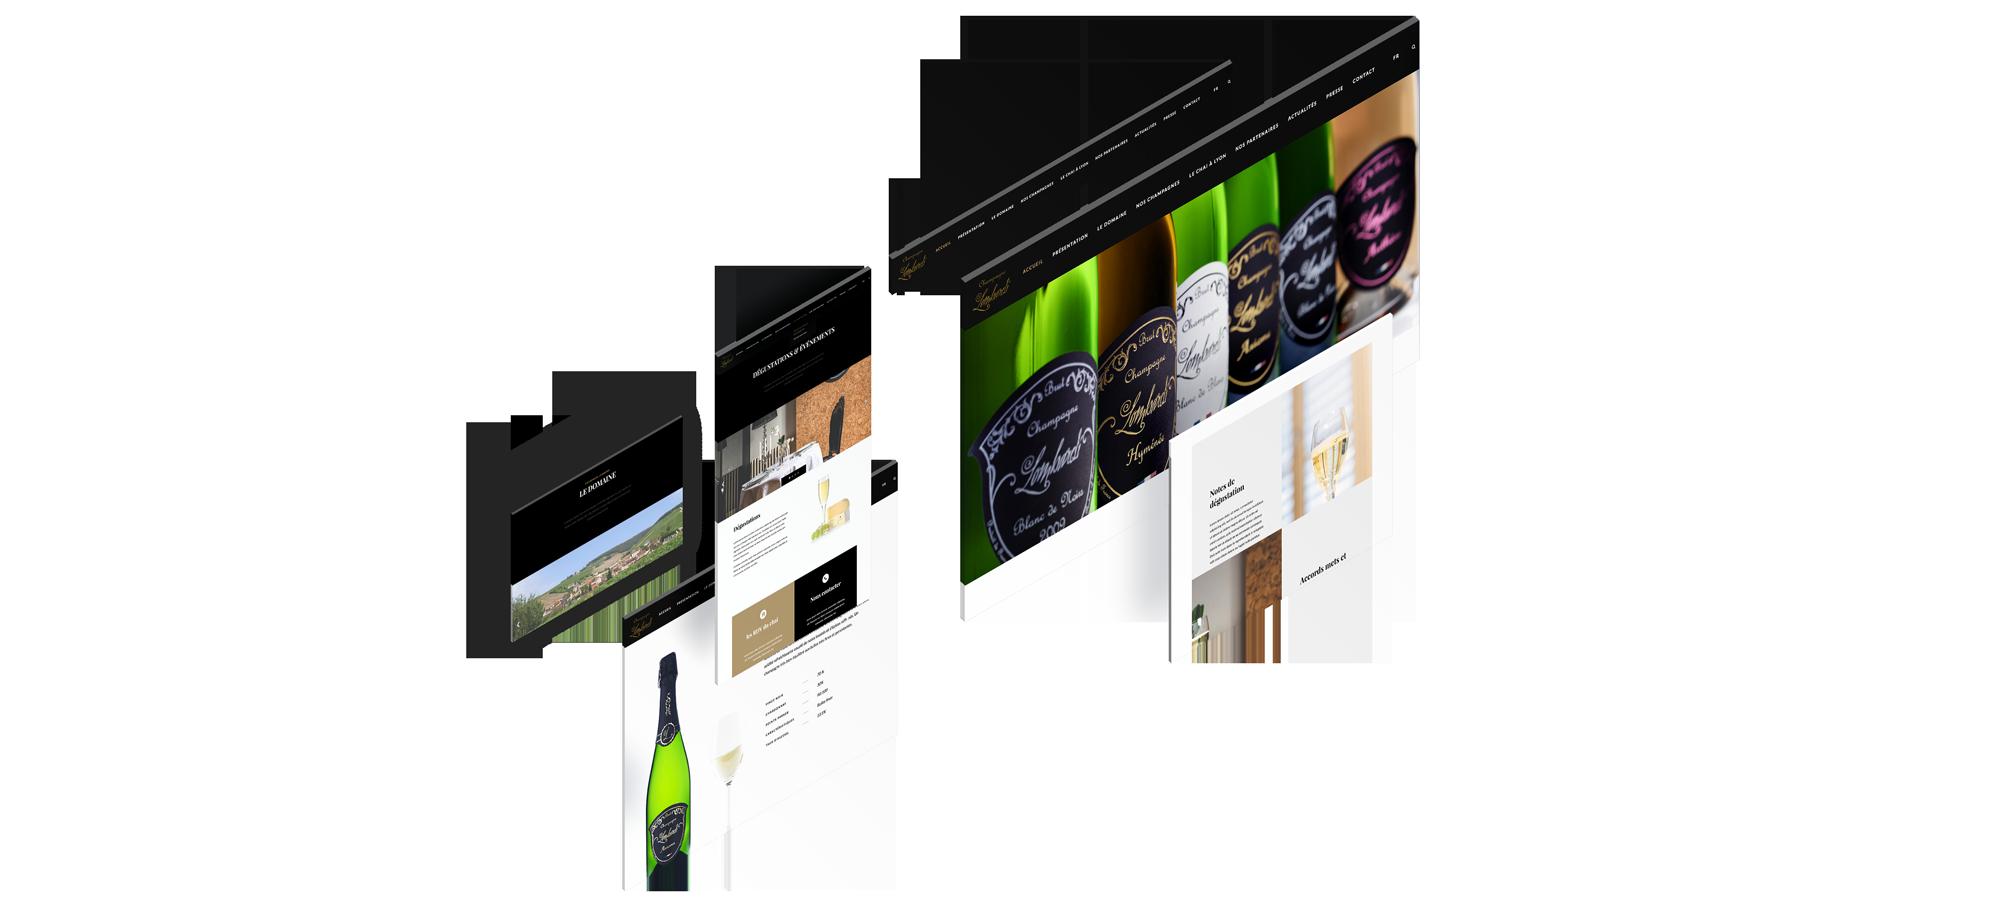 Champagne Lombardi Un site développé par BobandCo